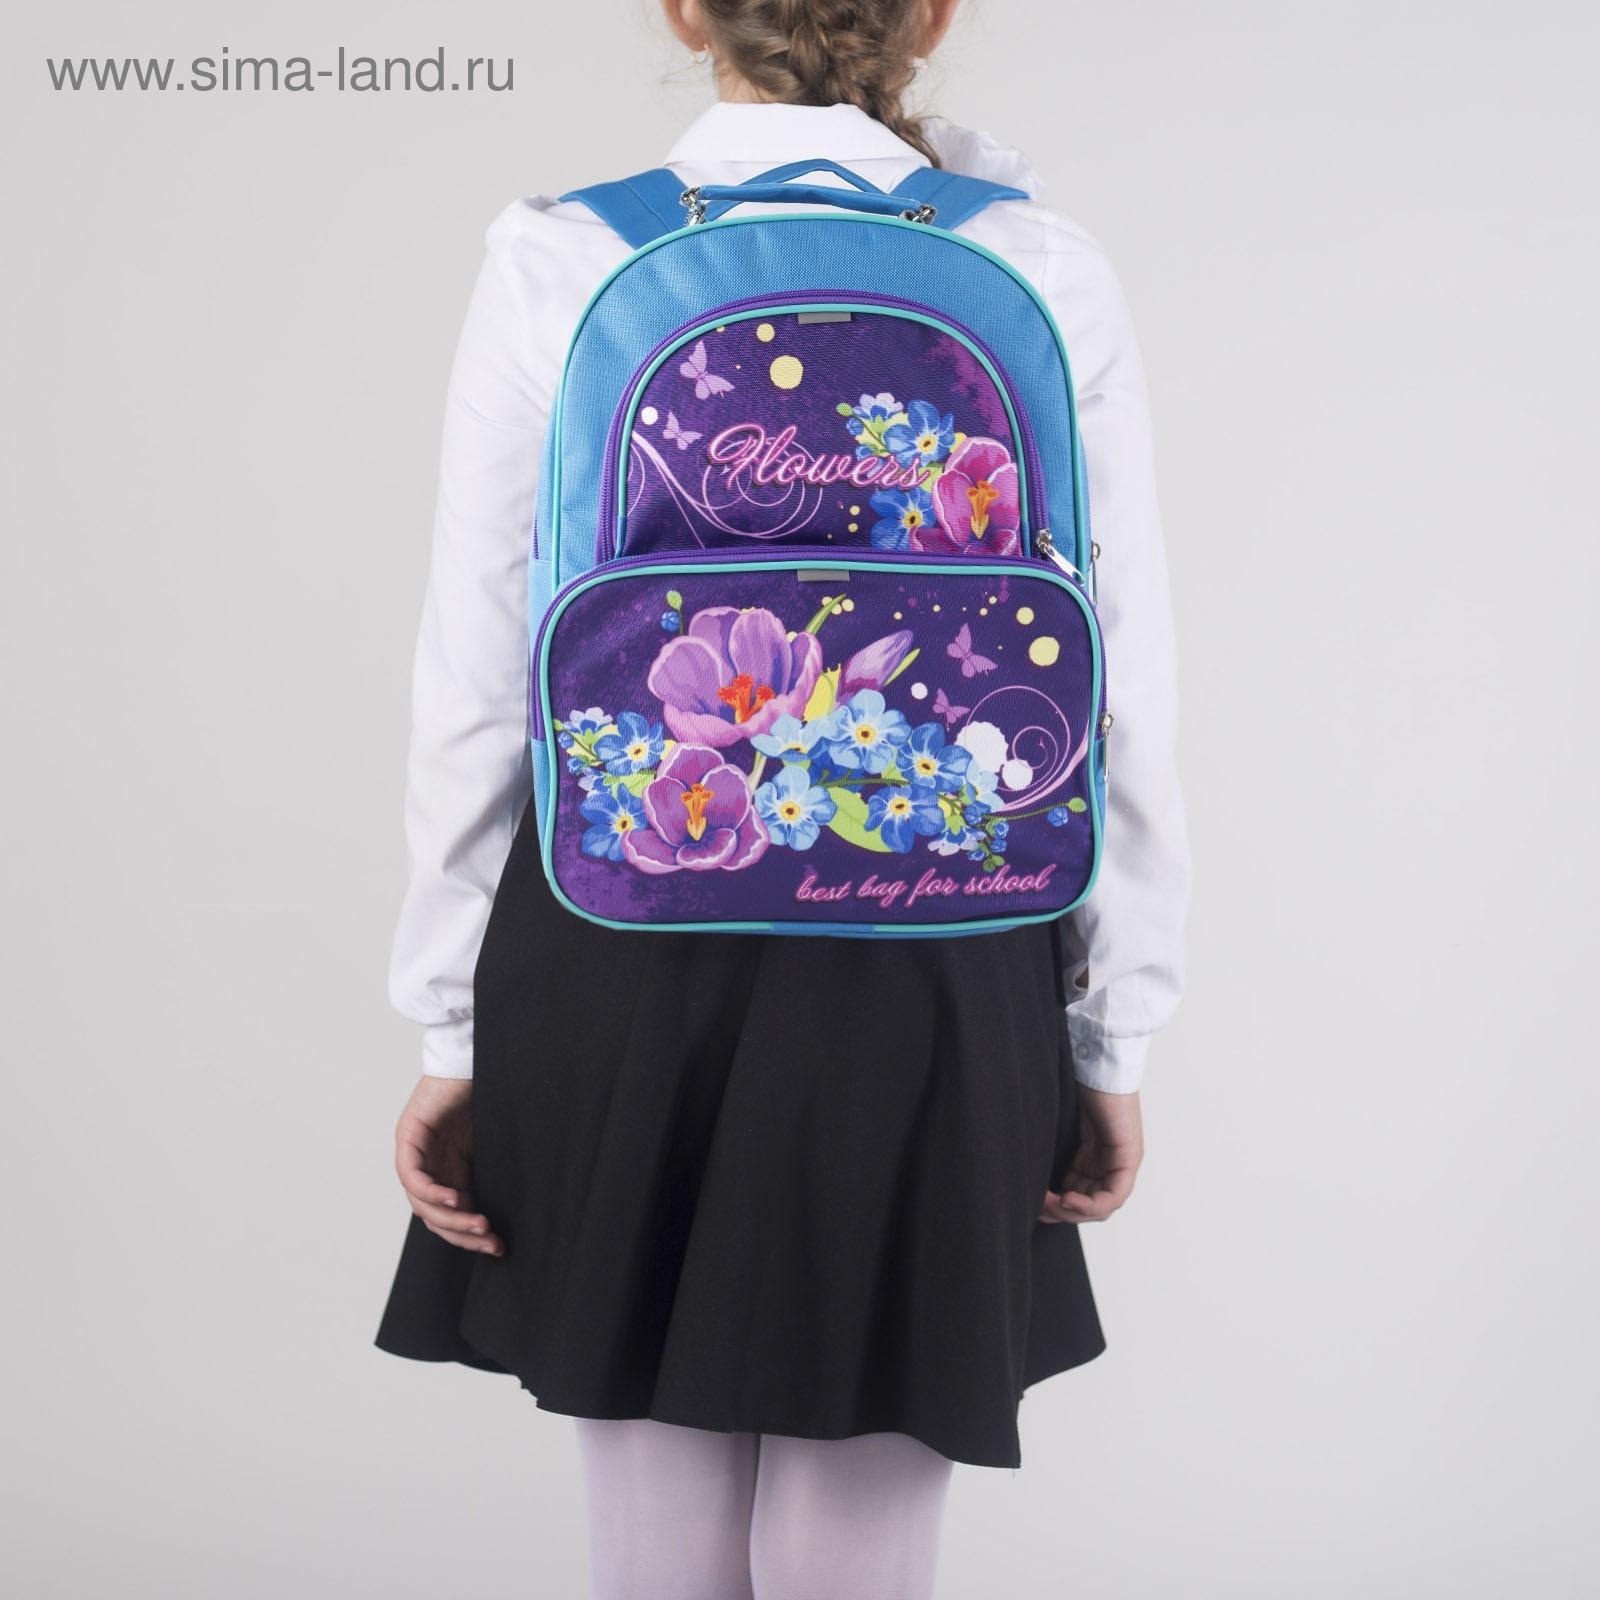 85989c0f50e0 Рюкзак школьный на молнии, 2 отдела, 2 наружных кармана, цвет  голубой/фиолетовый